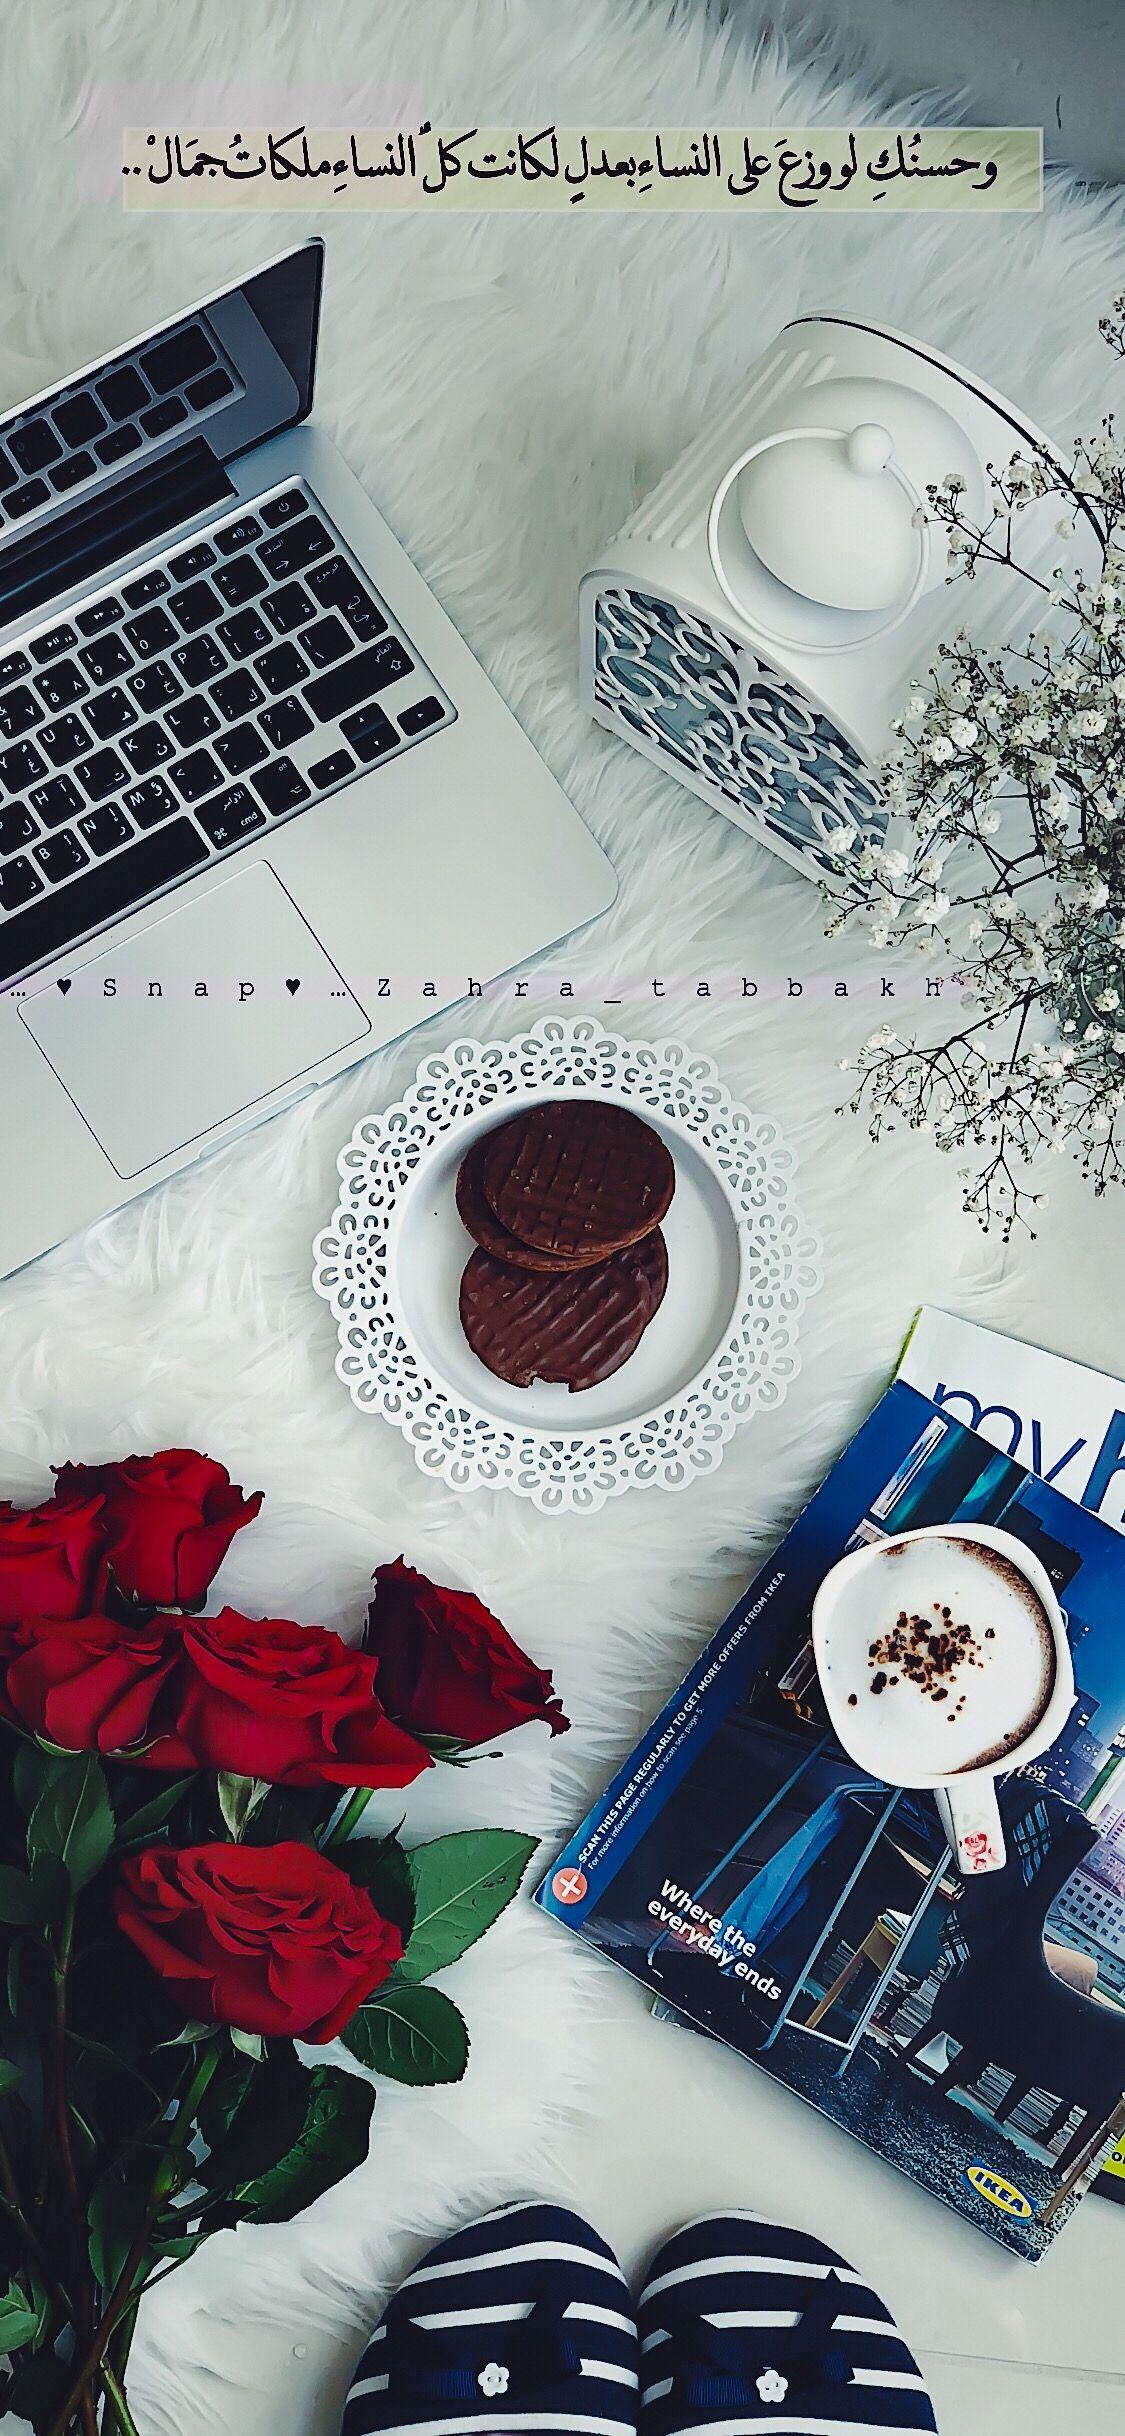 اقتباسات خواطر كلام جميل كلماتي قهوتي قهوة الصباح قهوة المساء قهوة وكتاب هدوء Red Roses Table Decorations Decor